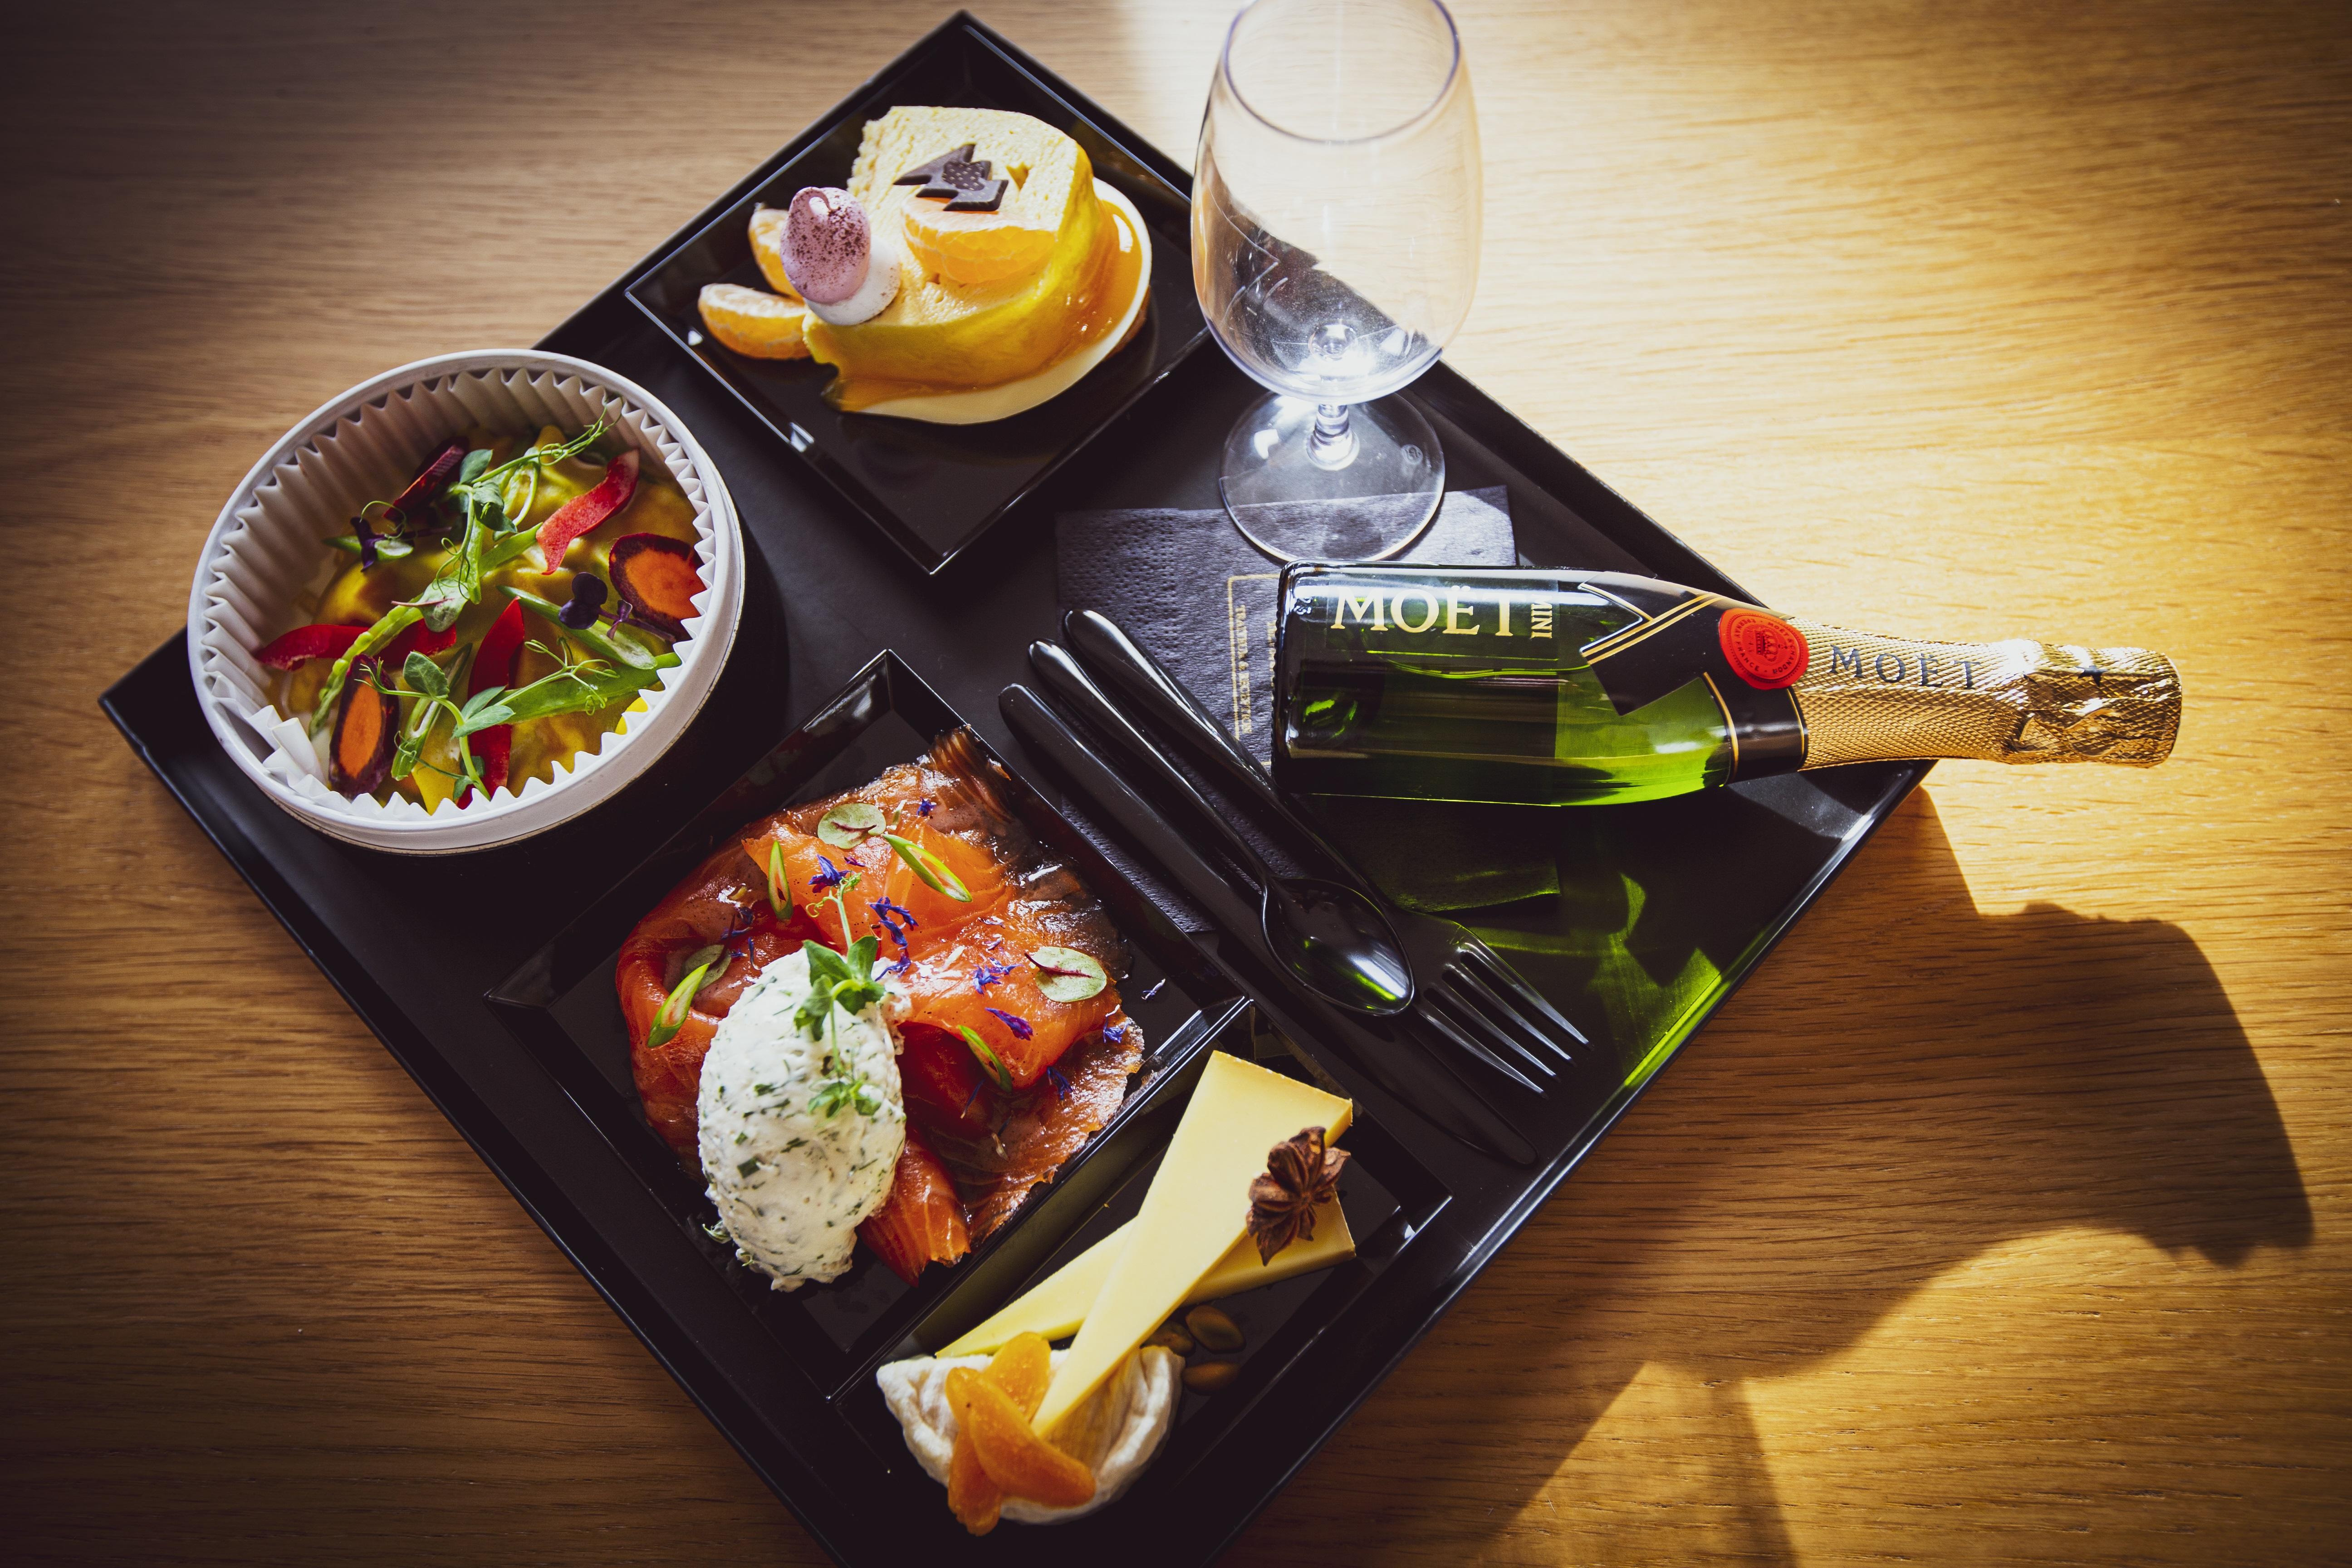 (Saumon en entrée, raviole en plat et buche mandarine en dessert, accompagnée d'un assortiment de fromages et d'une bouteille de champagne non incluse dans le prix)